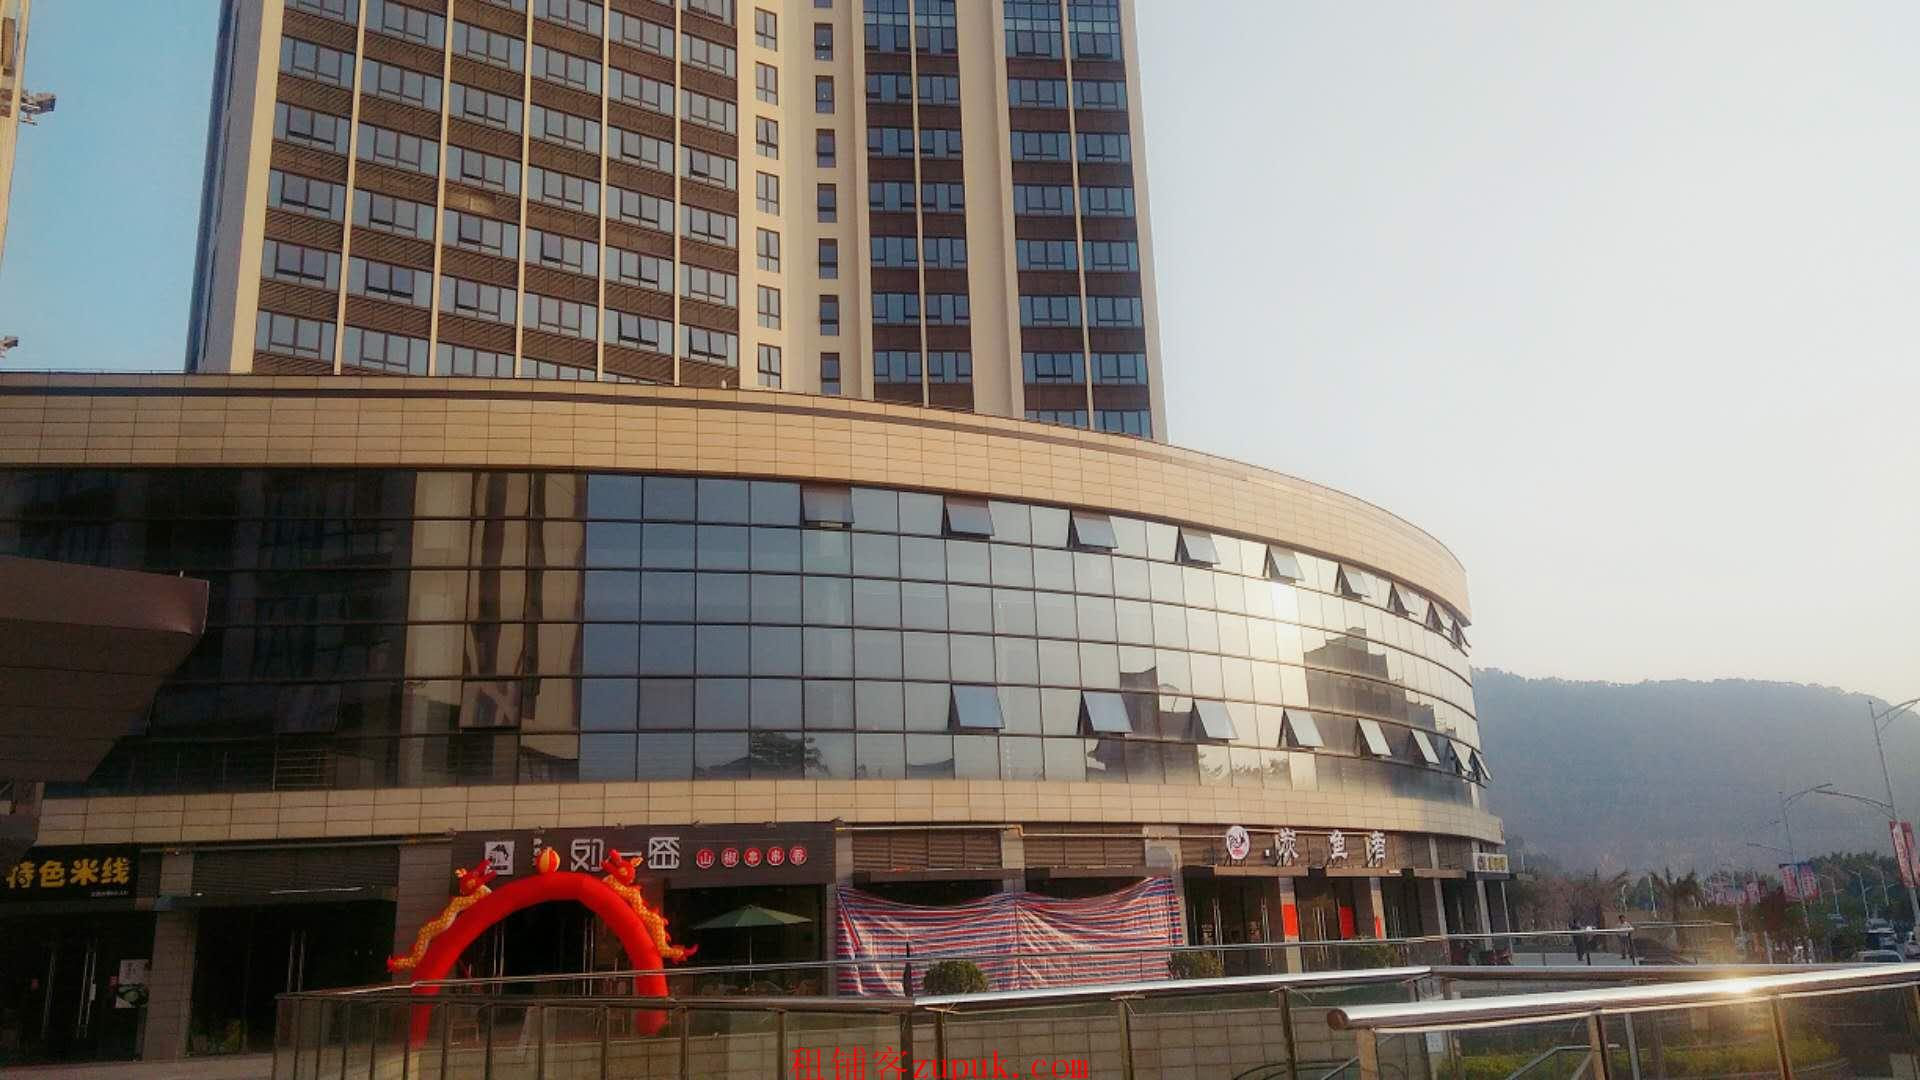 黄阁麒麟广场旺铺招商36-500㎡